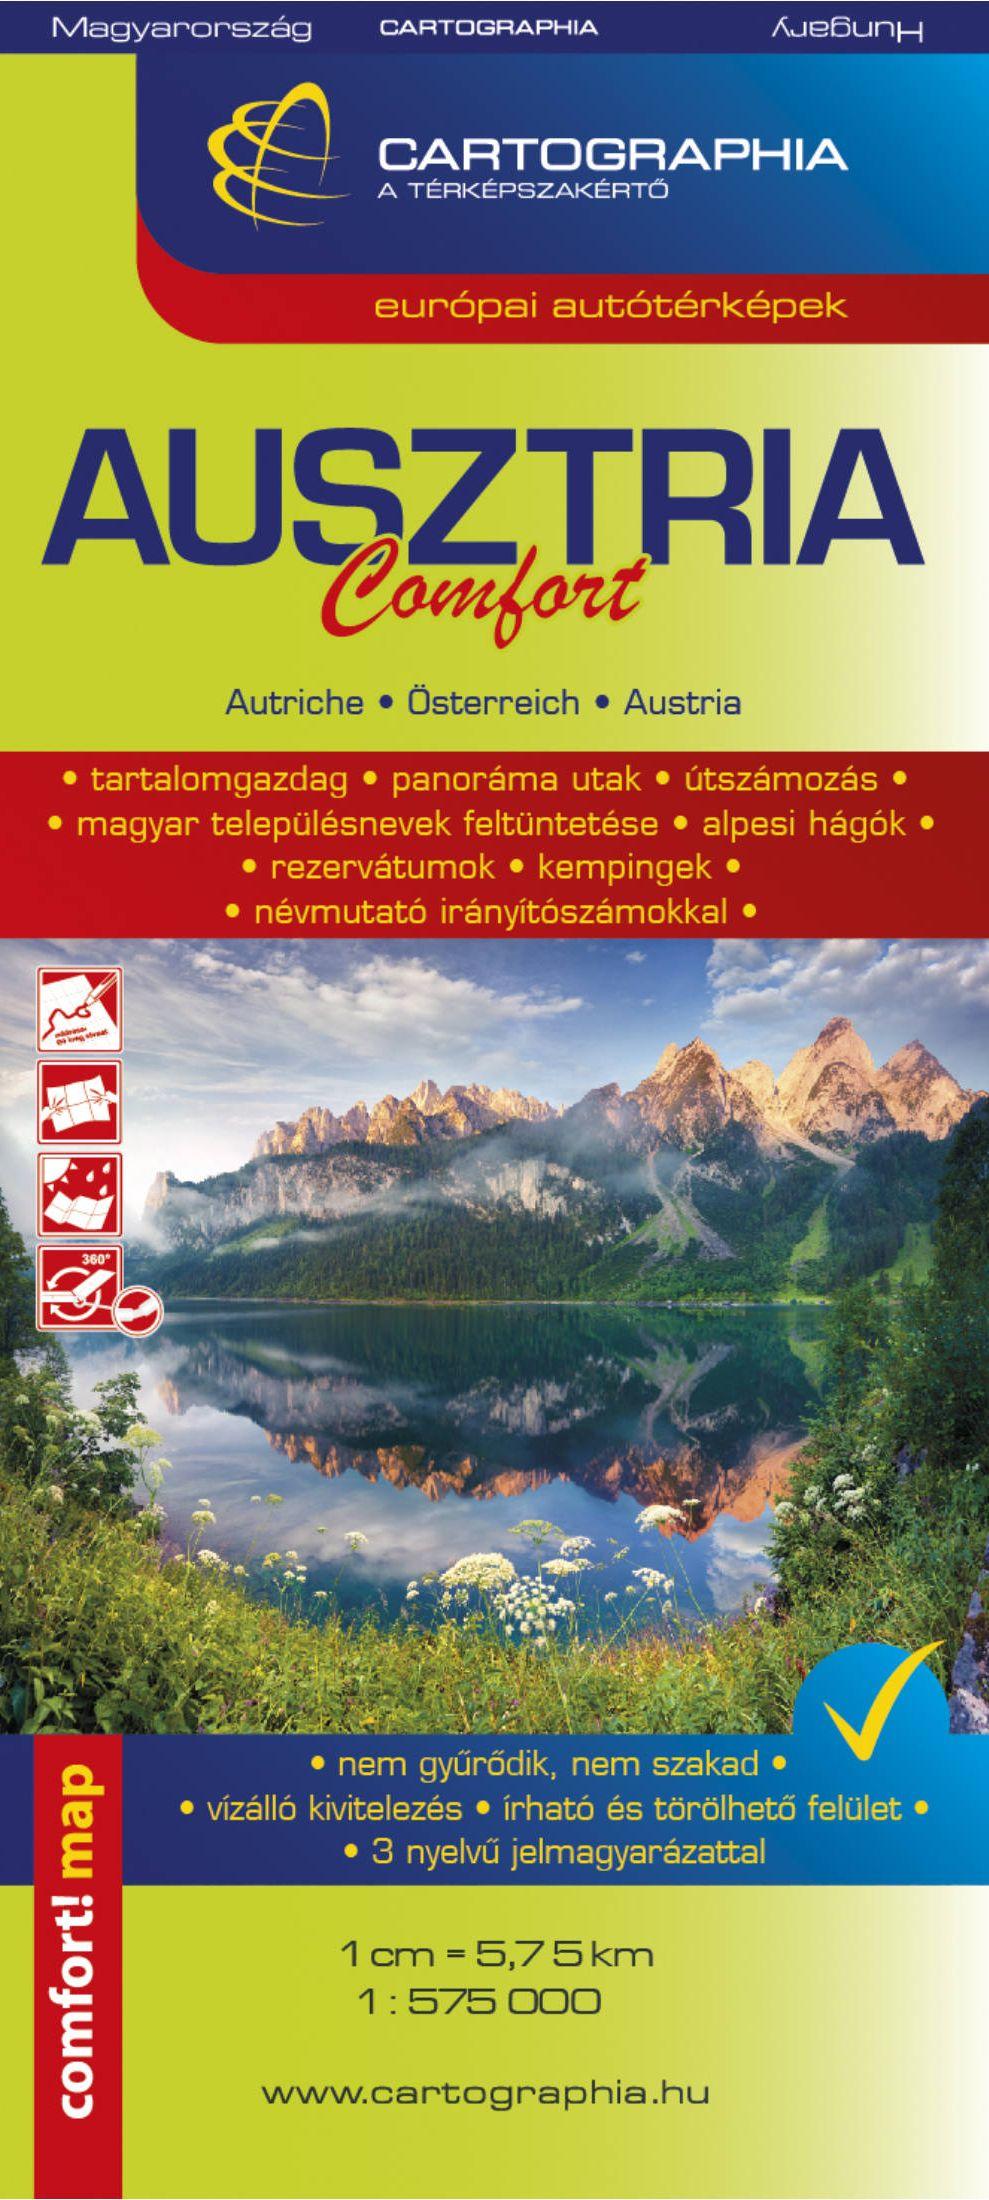 Ausztria comfort (Cartographia) - laminált, könnyen hajtogatható és vízhatlan autótérkép